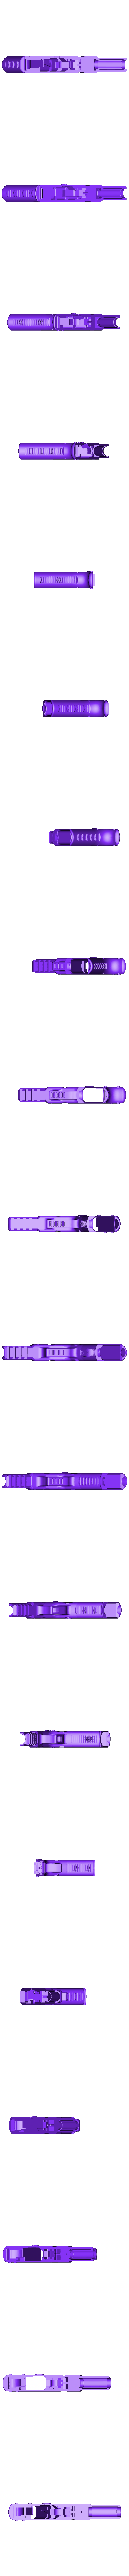 vg17_vinh_v1.stl Télécharger fichier STL gratuit Glock 17 g17 • Design à imprimer en 3D, idy26